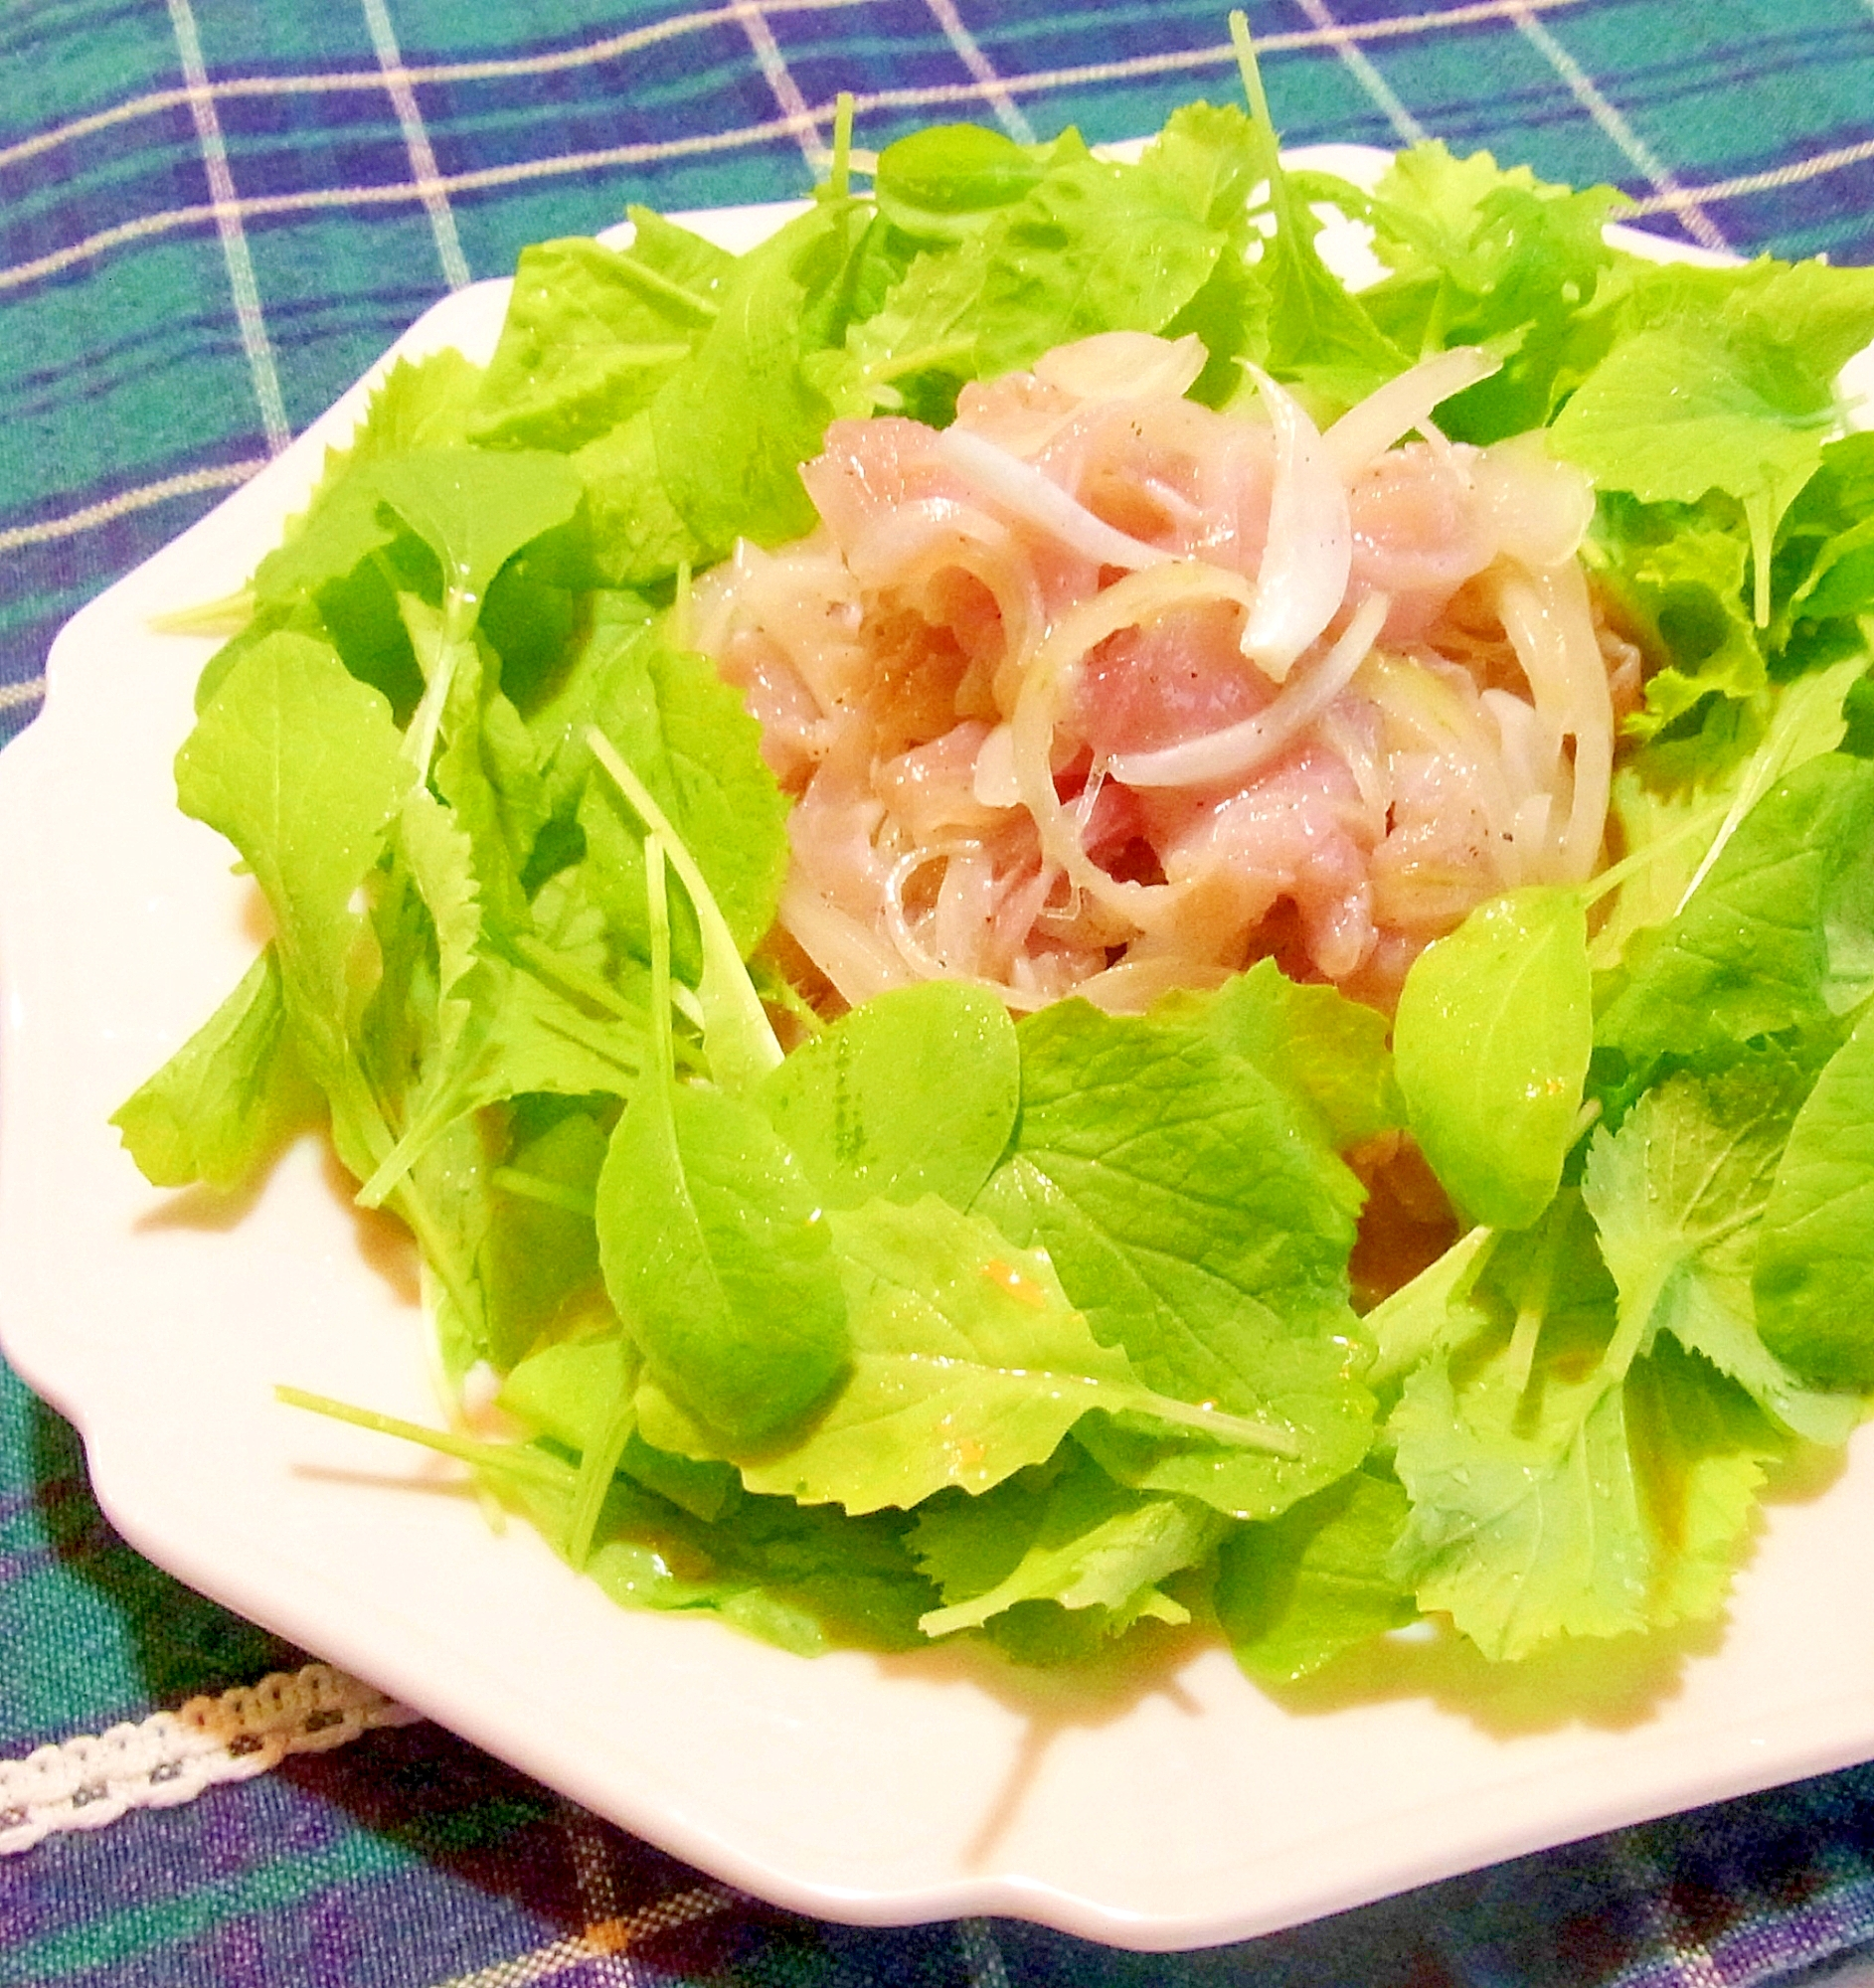 2. 味付け濃厚!生ハムマリネとベビーリーフのサラダ